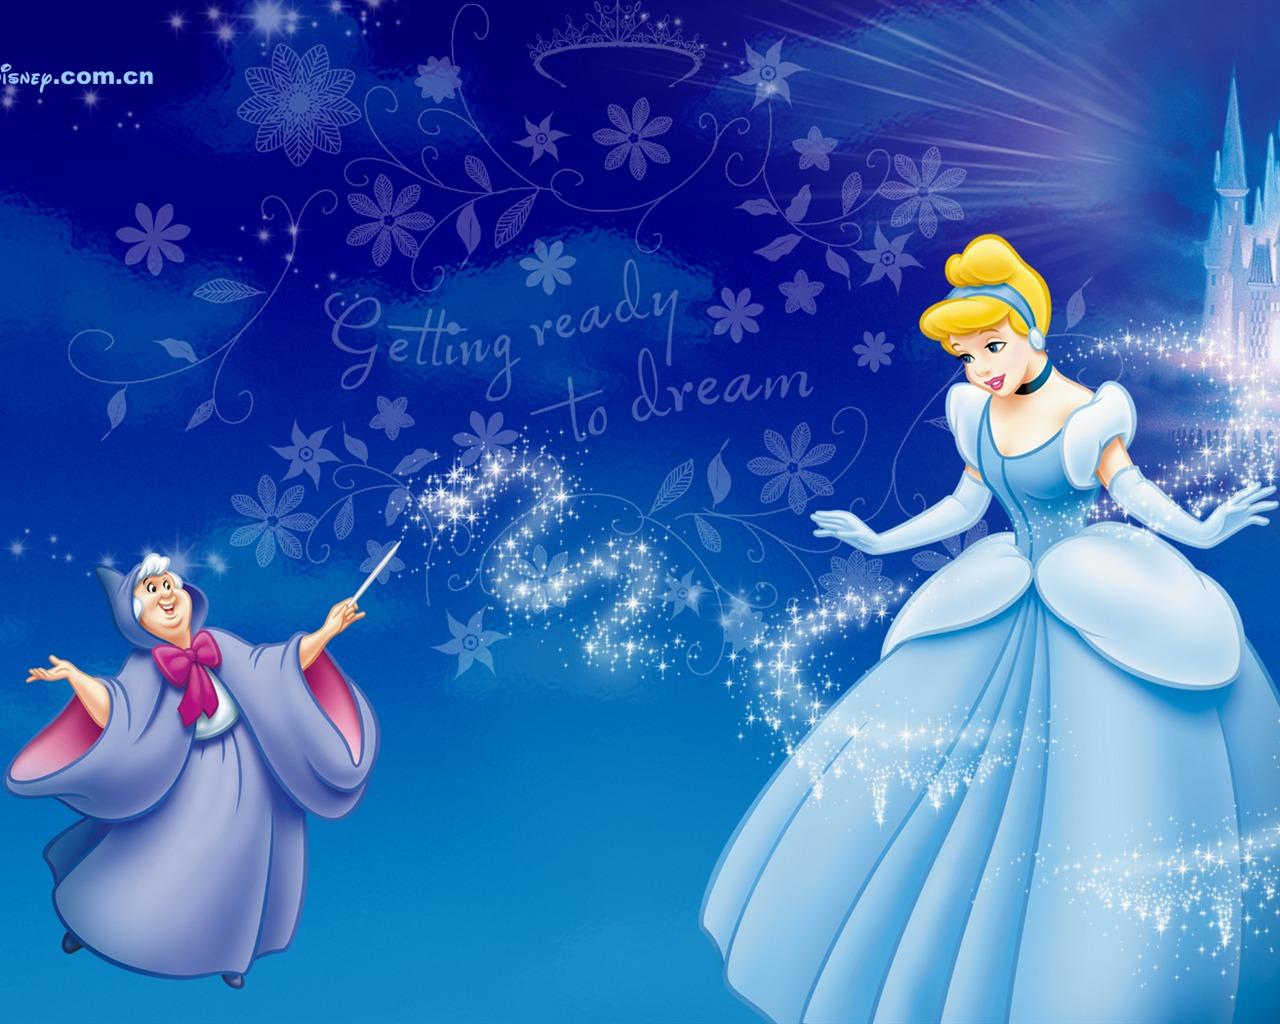 プリンセスディズニーアニメの壁紙 2 2 1280x1024 壁紙ダウンロード プリンセスディズニーアニメの壁紙 2 アニメーション 壁紙 V3の壁紙